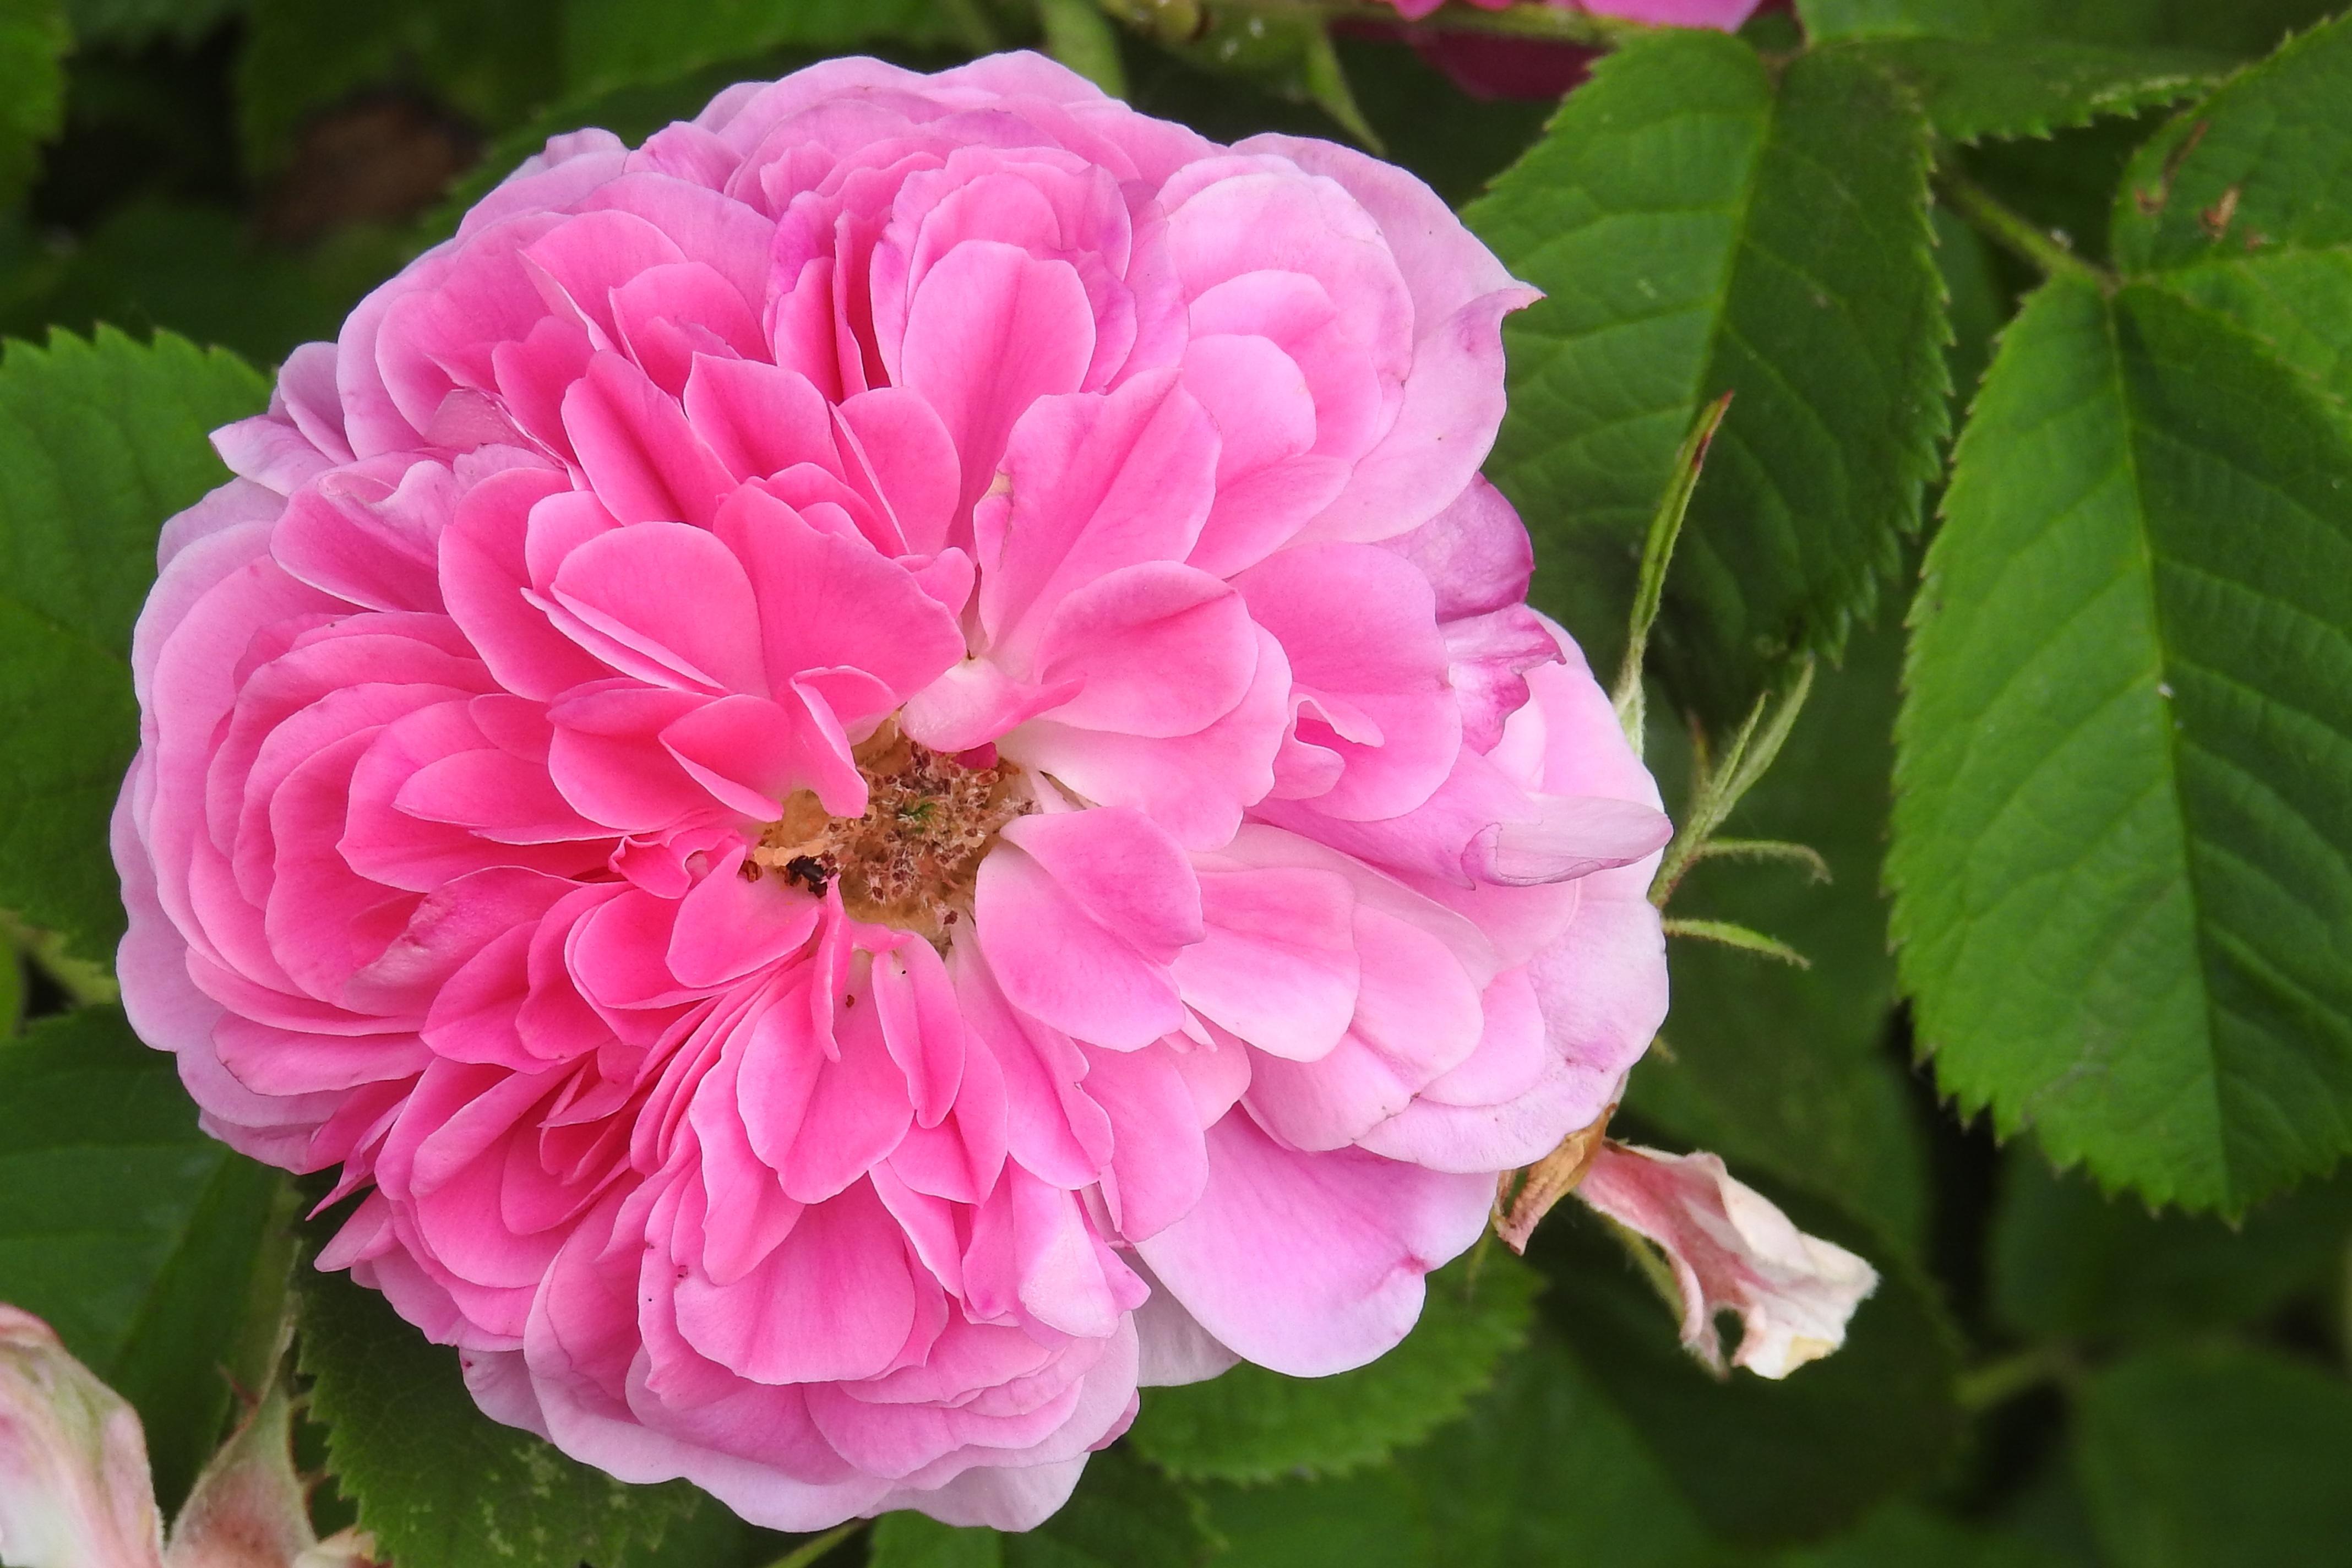 Images Gratuites : fleur, pétale, Floraison, rose rose, Floribunda ...